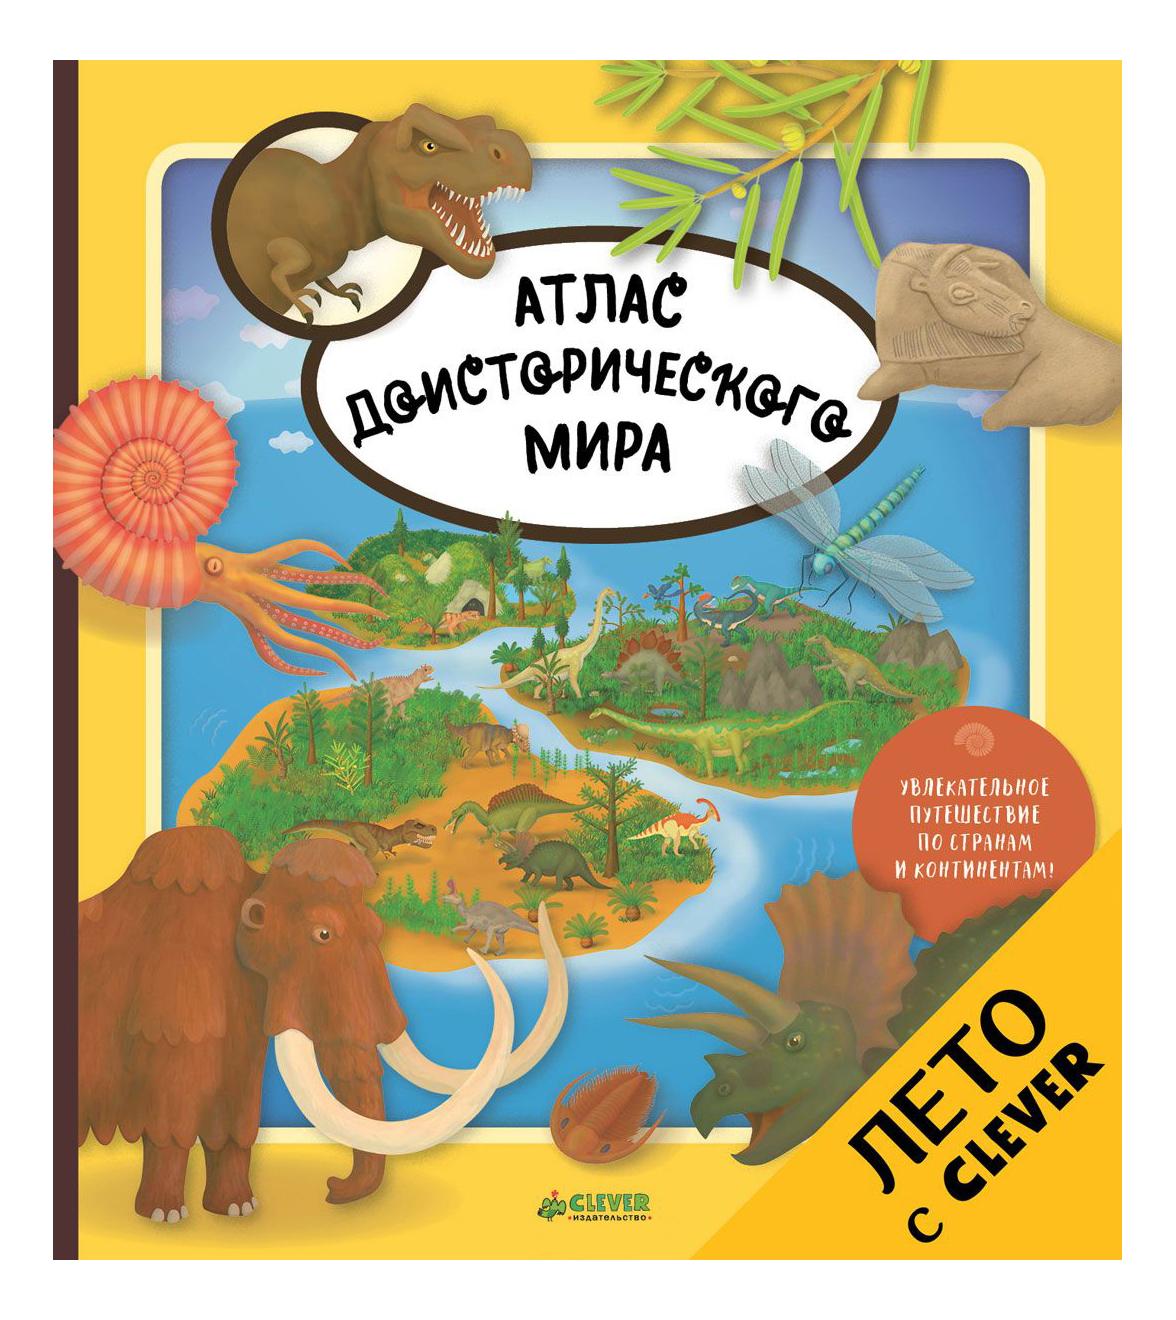 Купить Атлас доисторического мира, Книга Атлас Доисторич, Мира, Clever, Универсальные энциклопедии